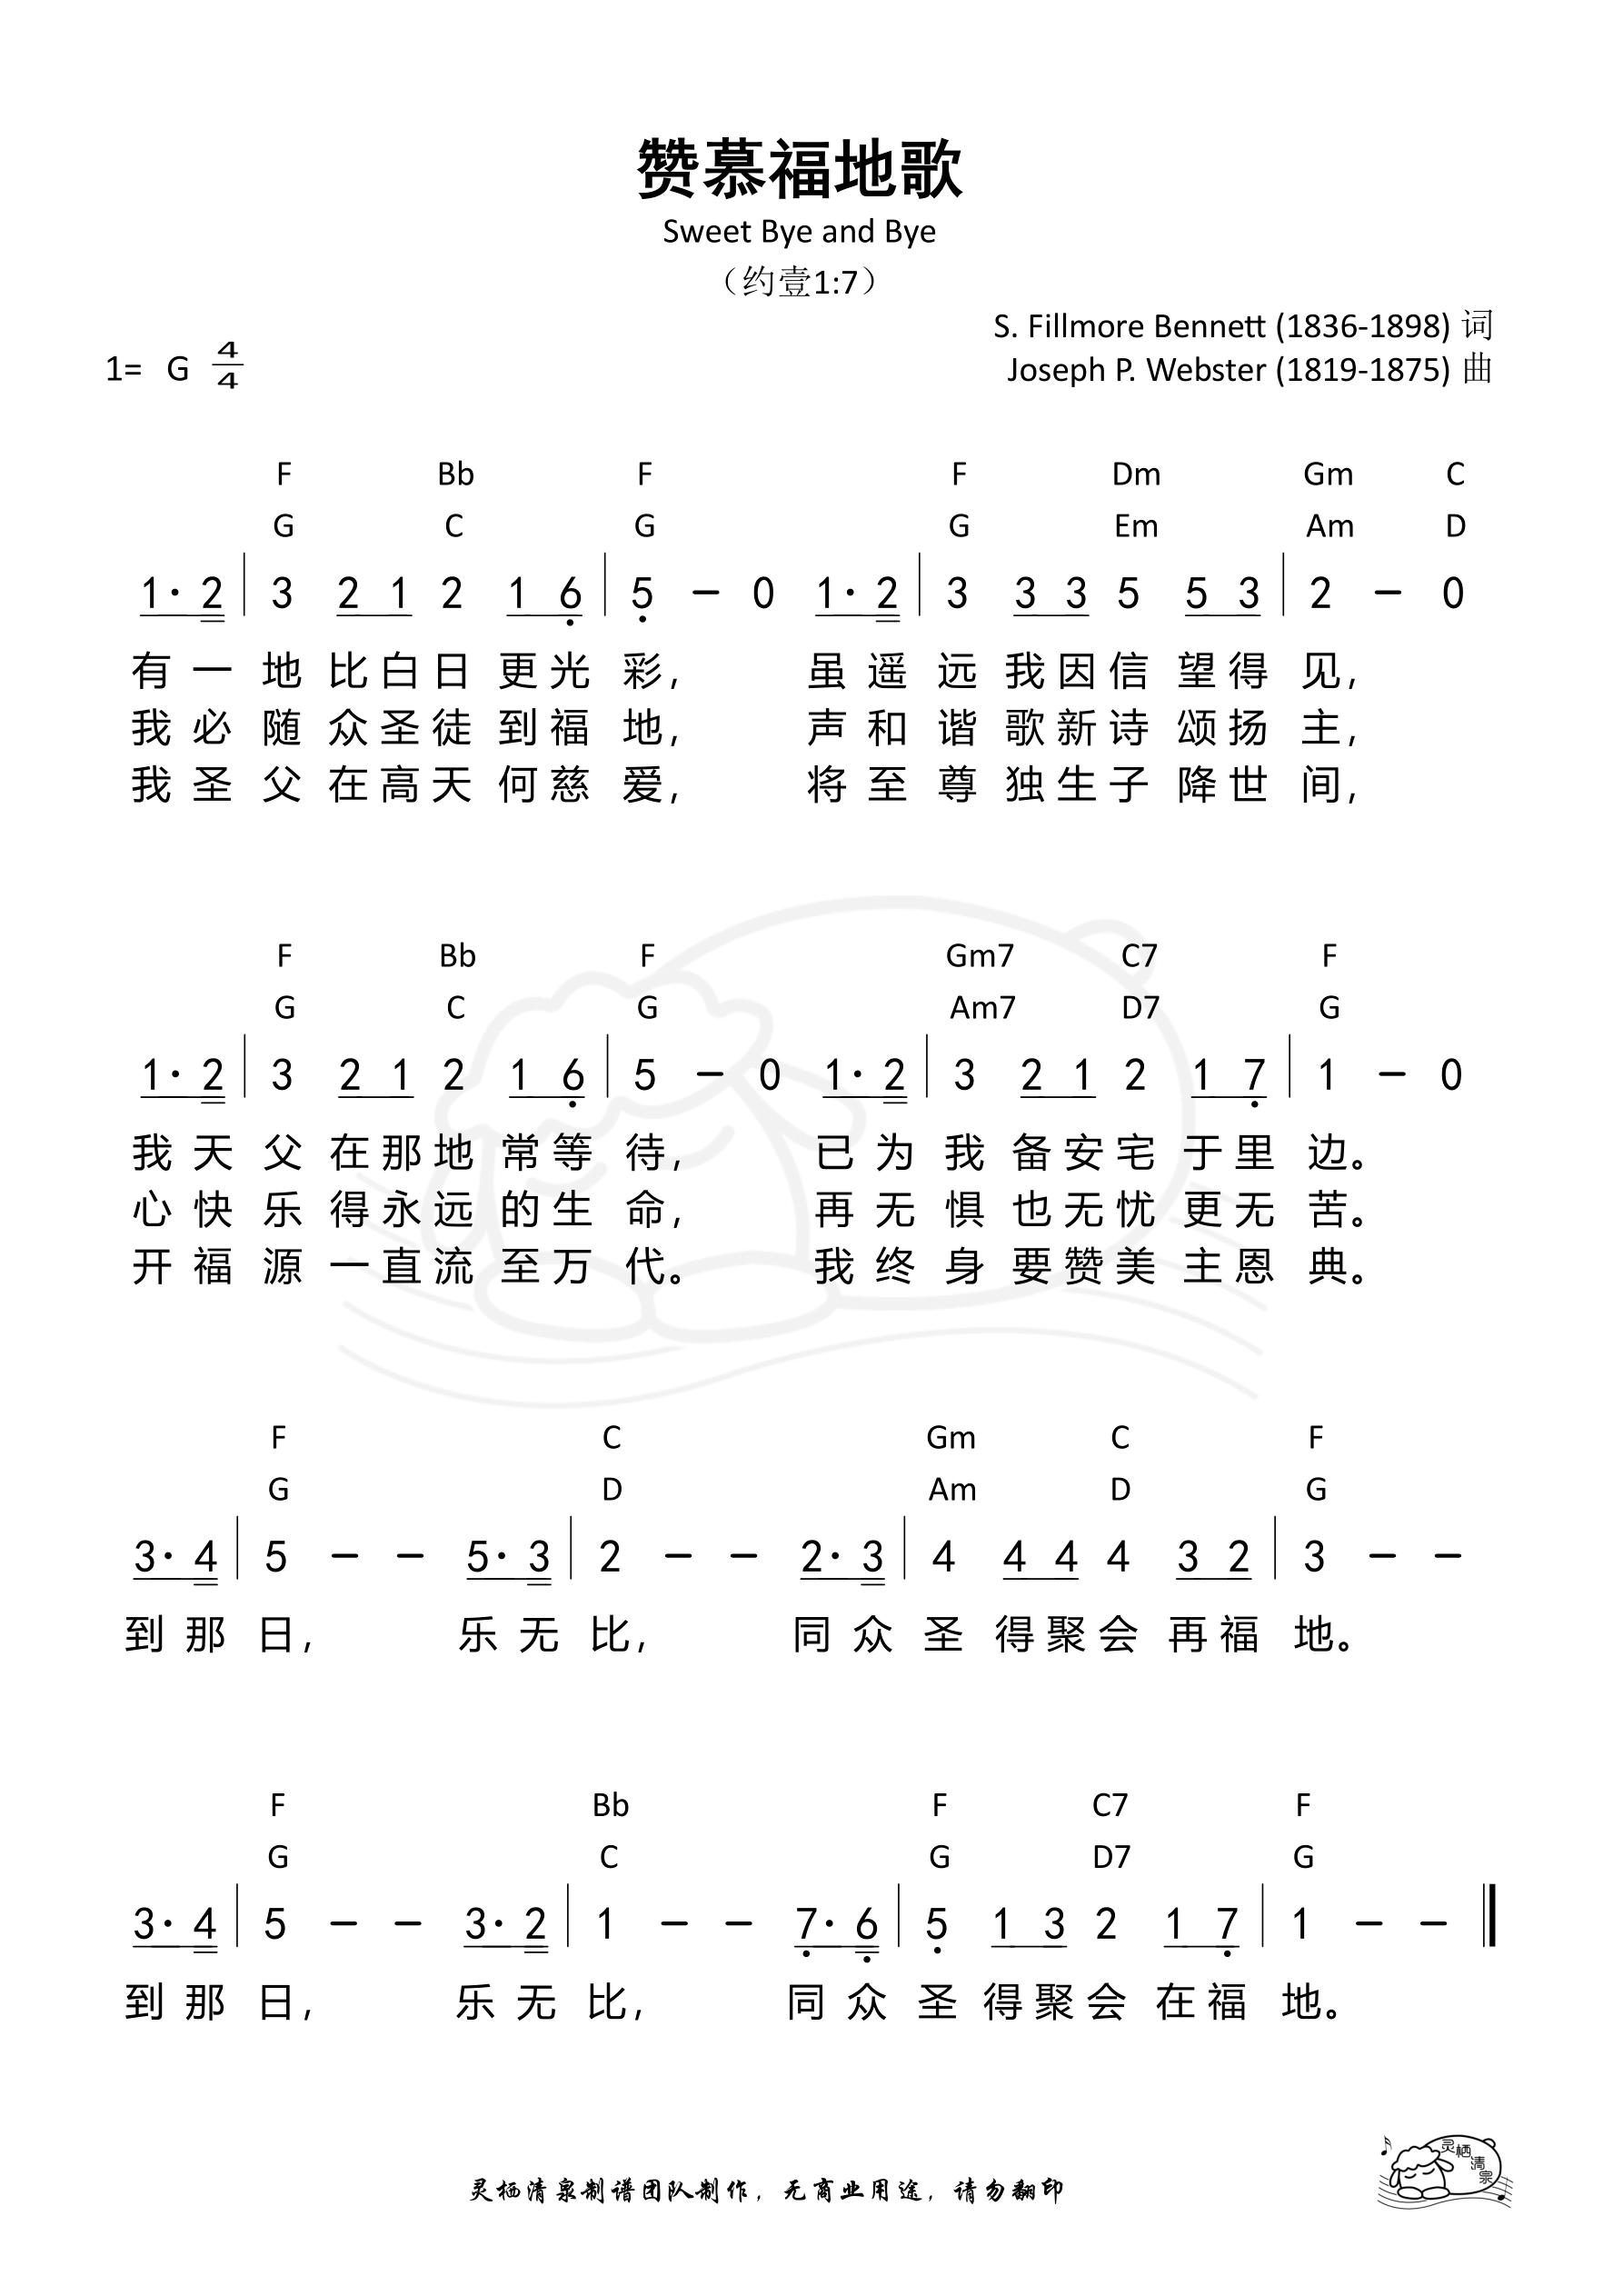 《第222首 - 赞慕福地歌 和弦简谱》